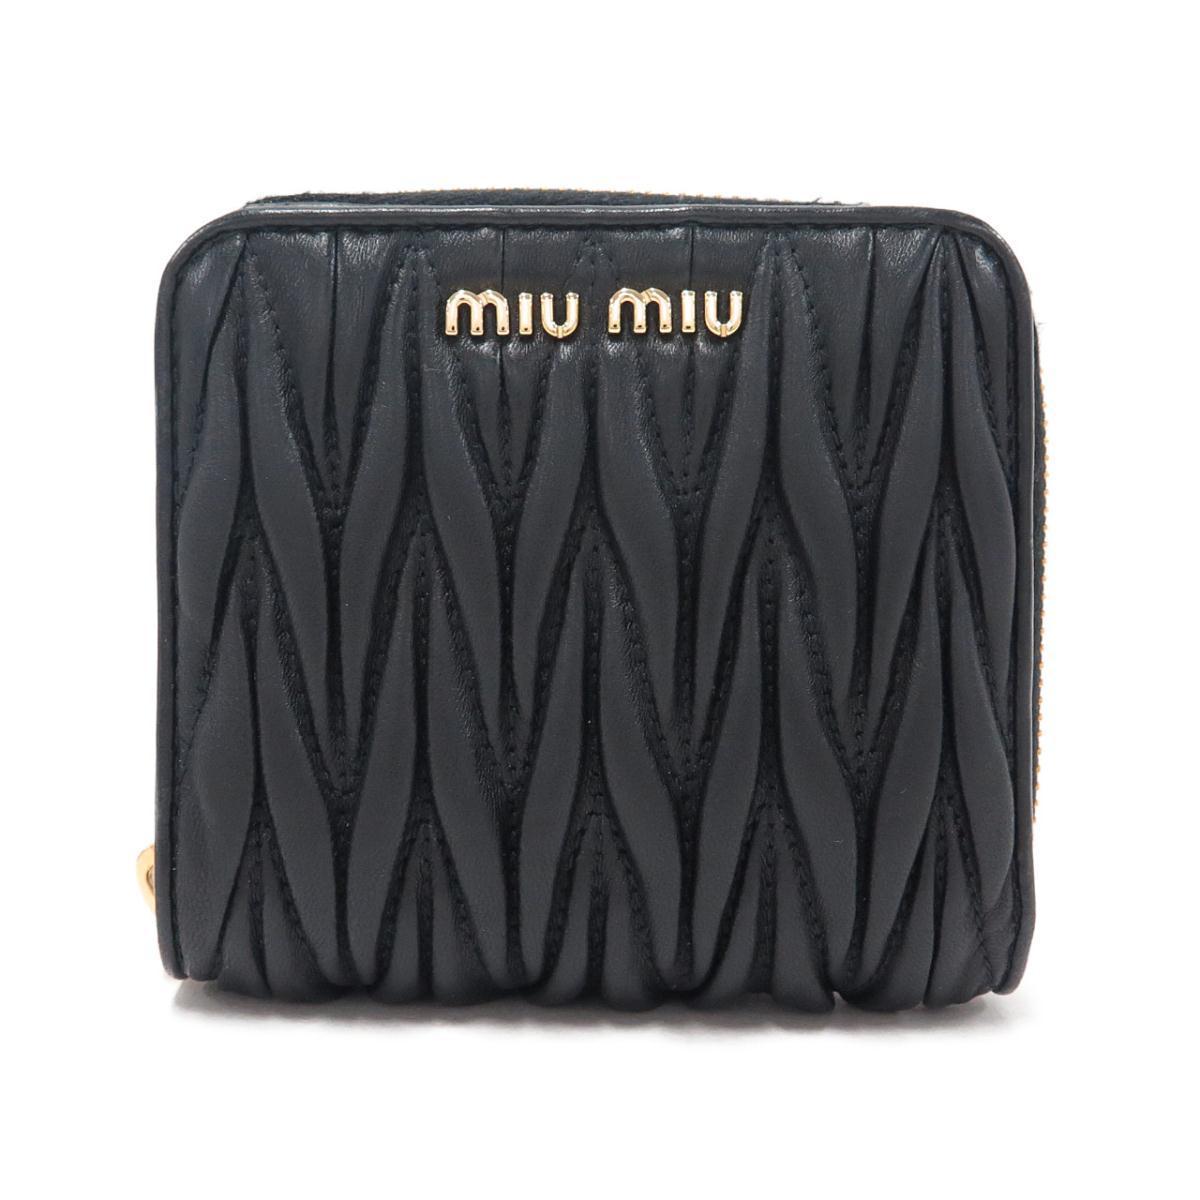 ミュウミュウ 財布 5ML522【中古】